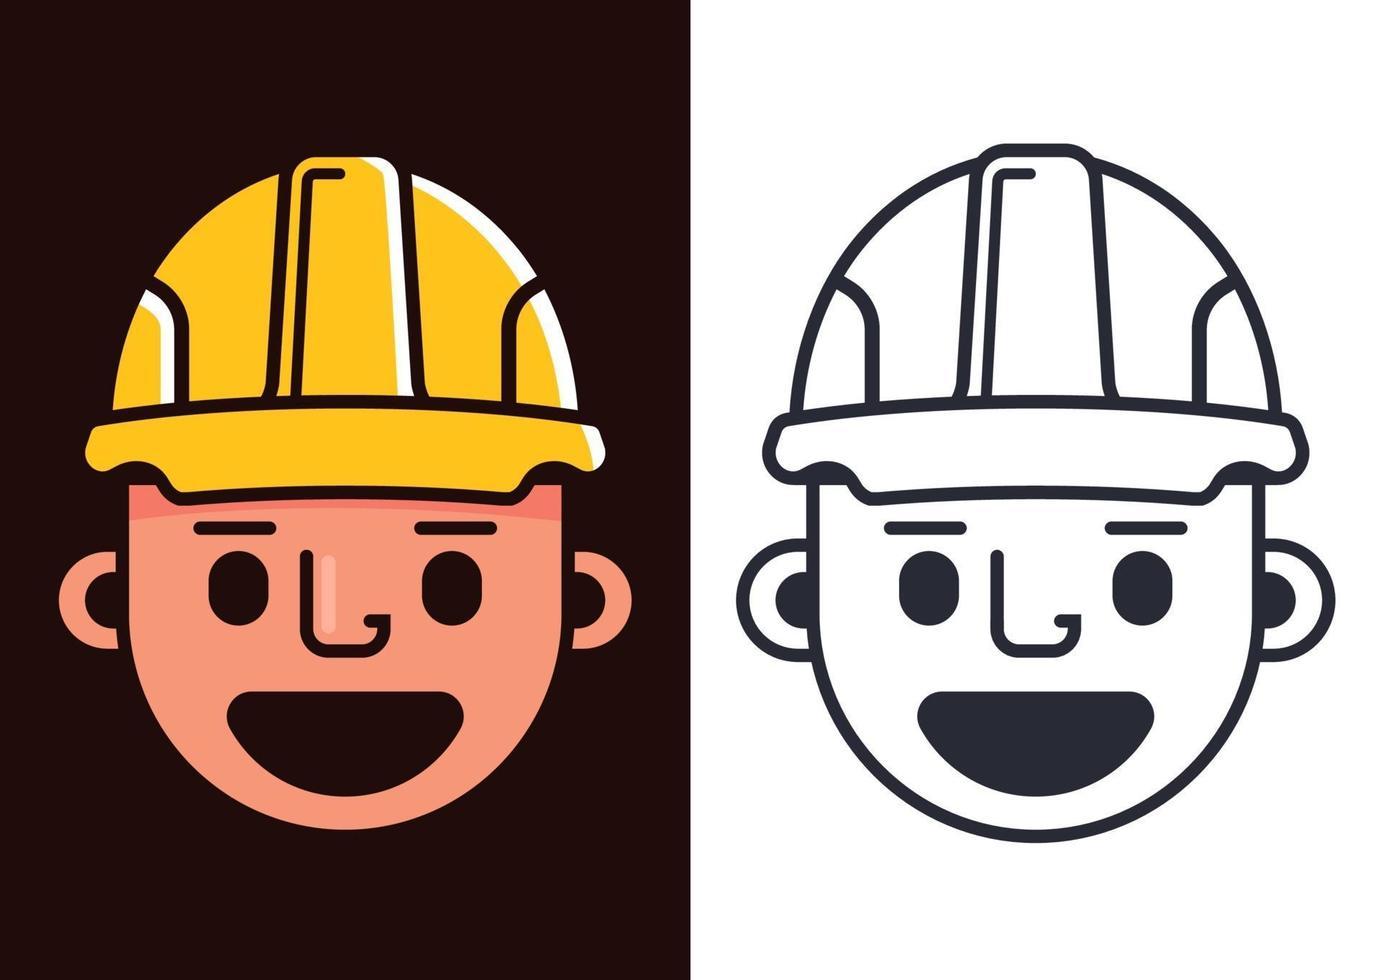 costruttore in un casco giallo. simpatico generatore di personaggi. illustrazione vettoriale piatta